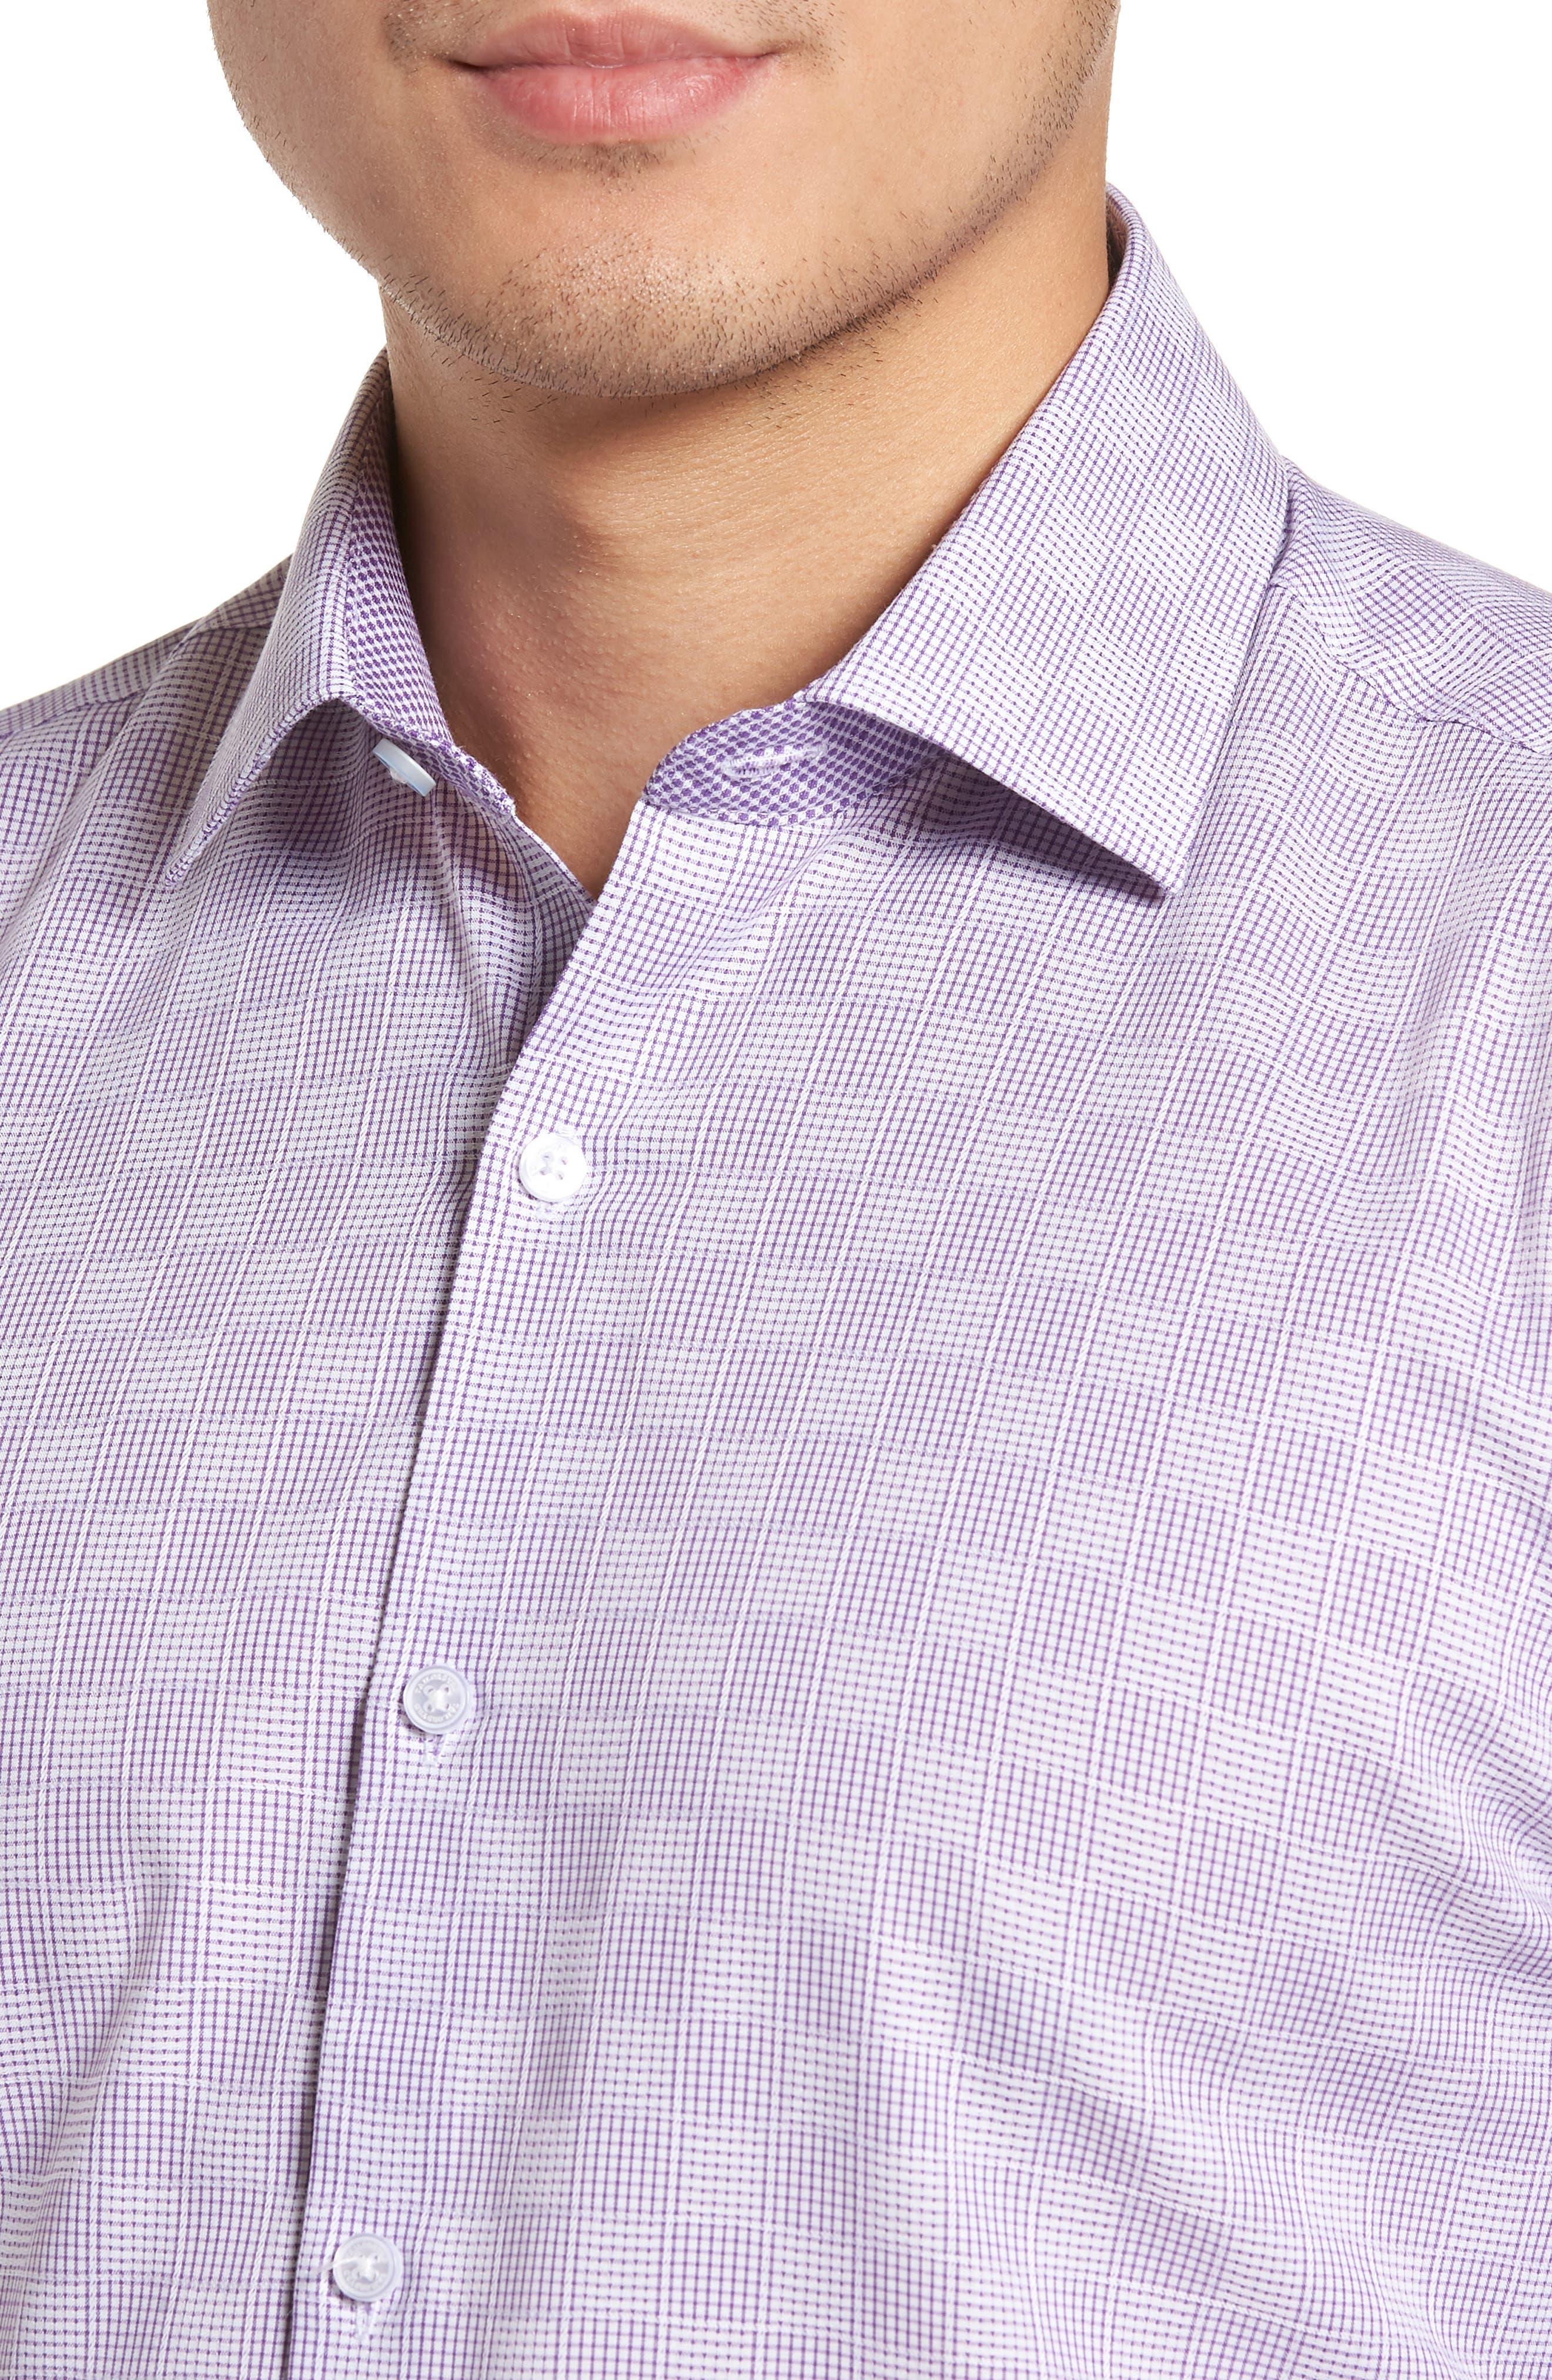 Haper Trim Fit Plaid Dress Shirt,                             Alternate thumbnail 2, color,                             PURPLE